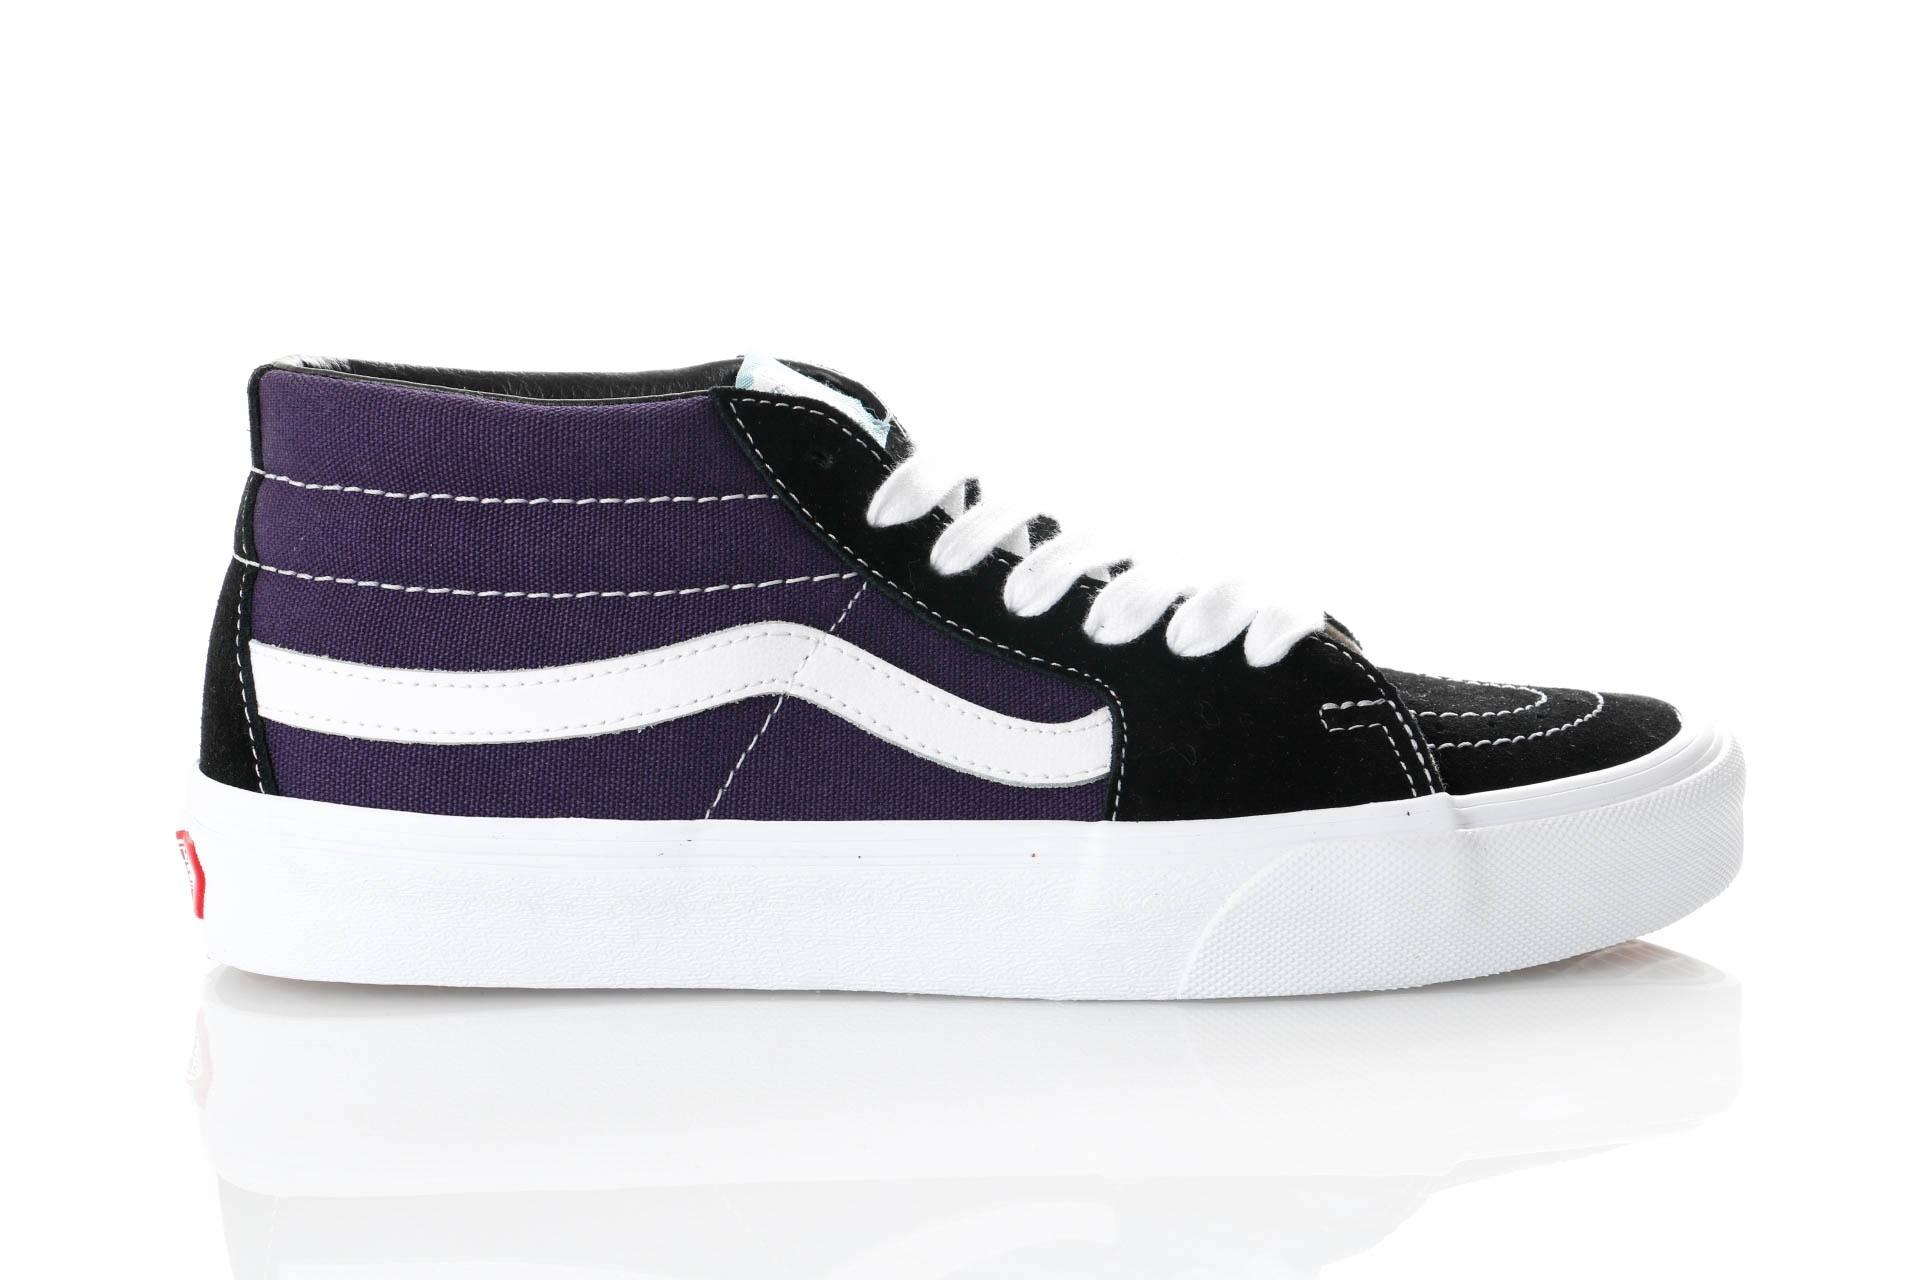 Foto van Vans Ua Sk8-Mid Vn0A3Wm3Vp7 Sneakers (Retro Skate) Black/Mysterioso